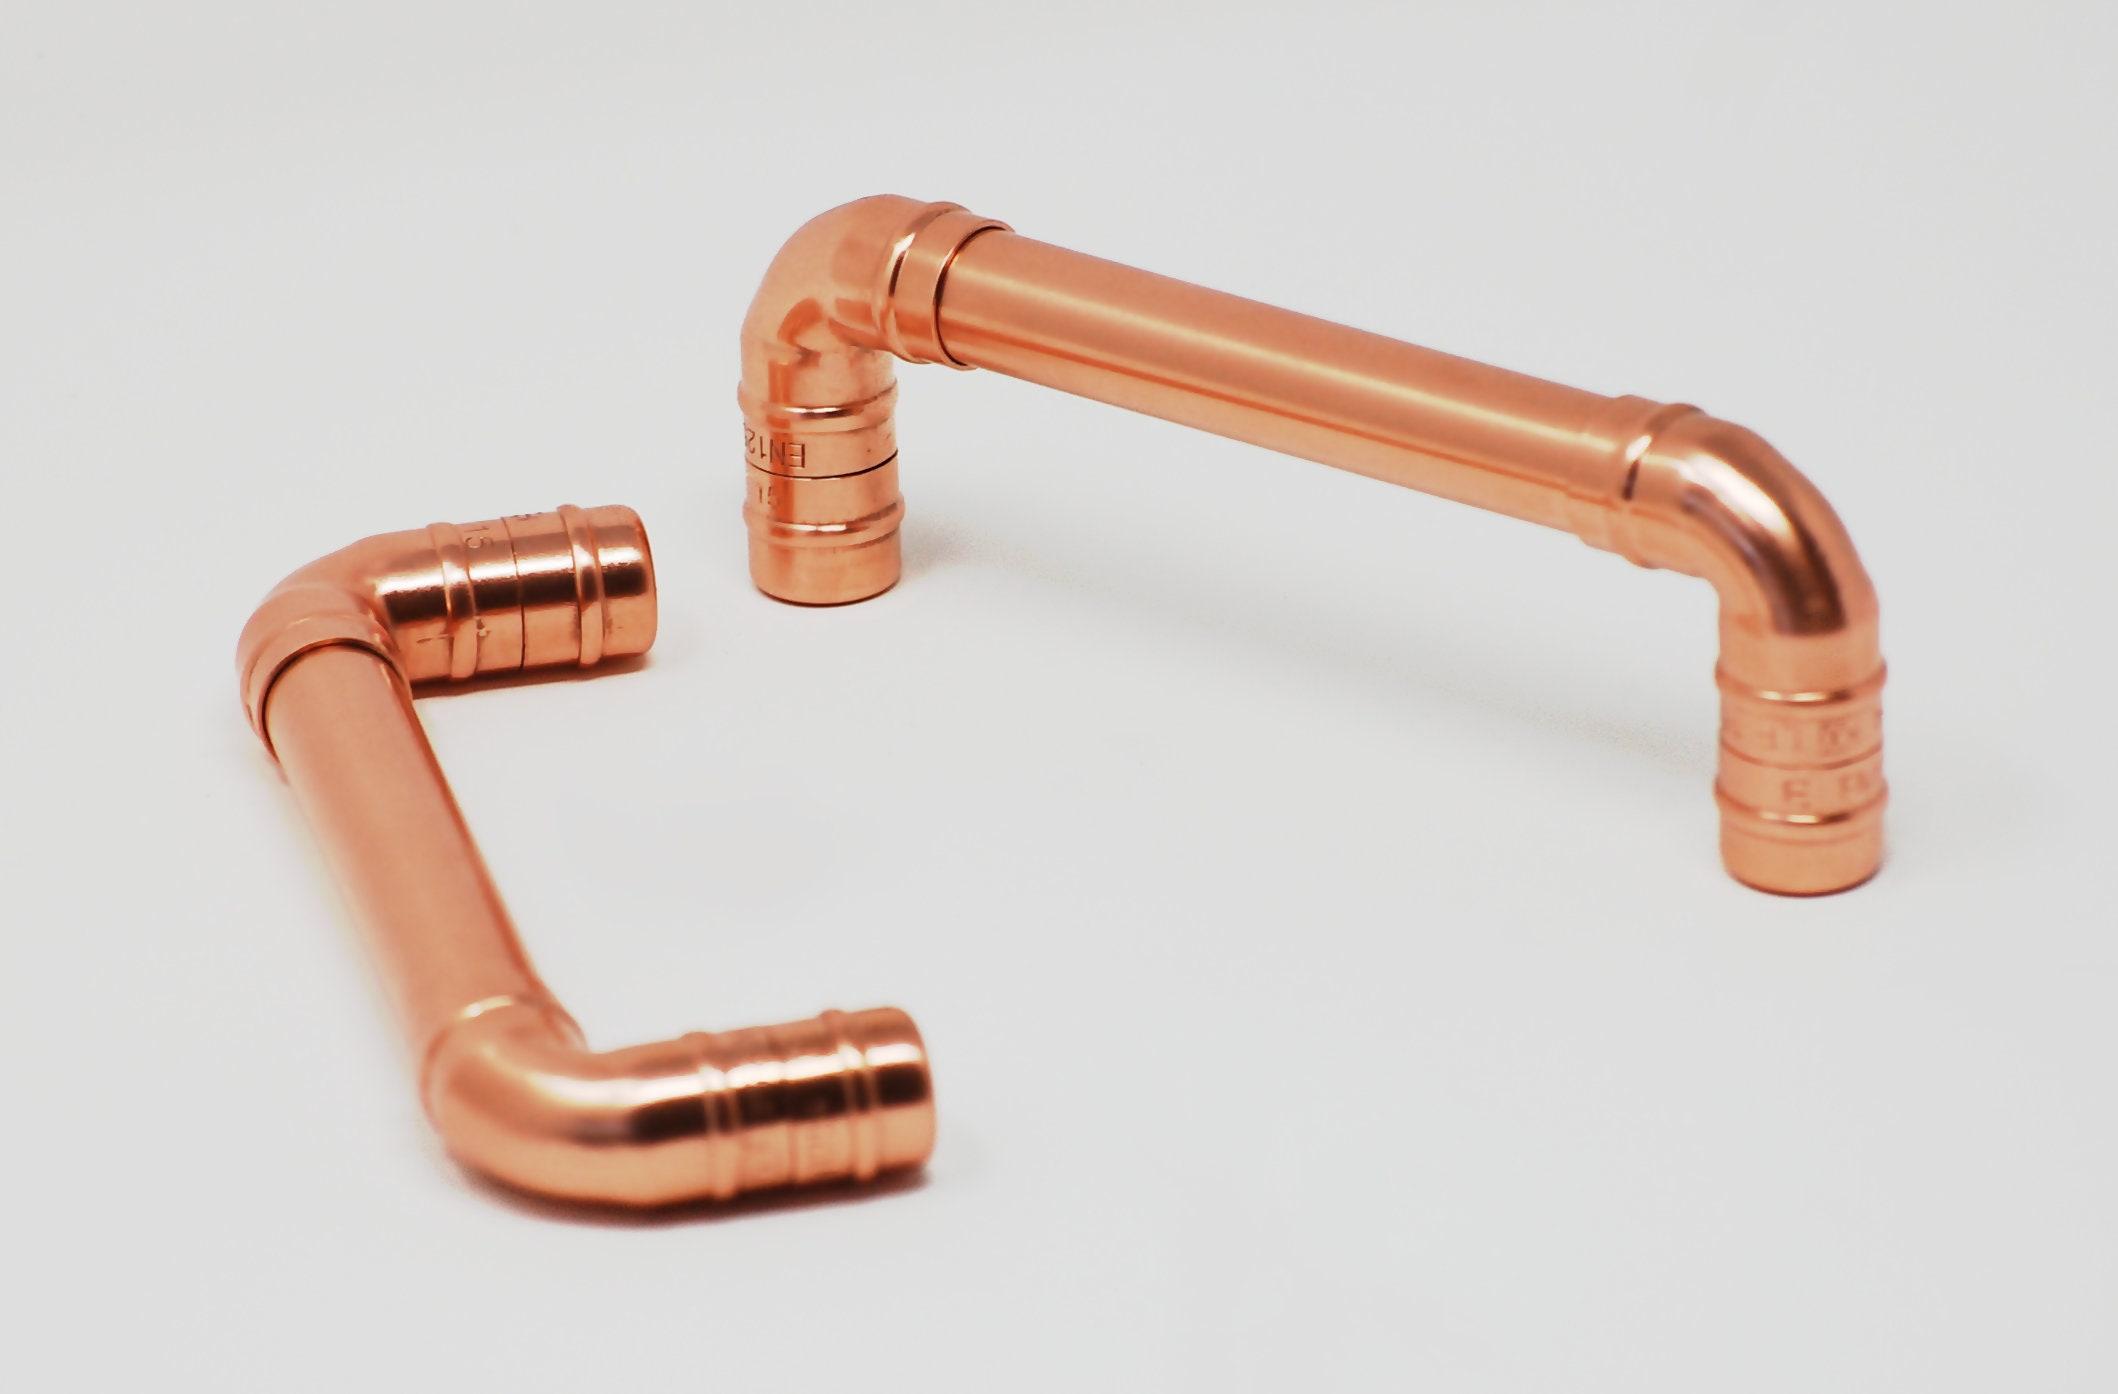 QuirkHub® Indy Kupfer Griff Möbel Knöpfe & zieht